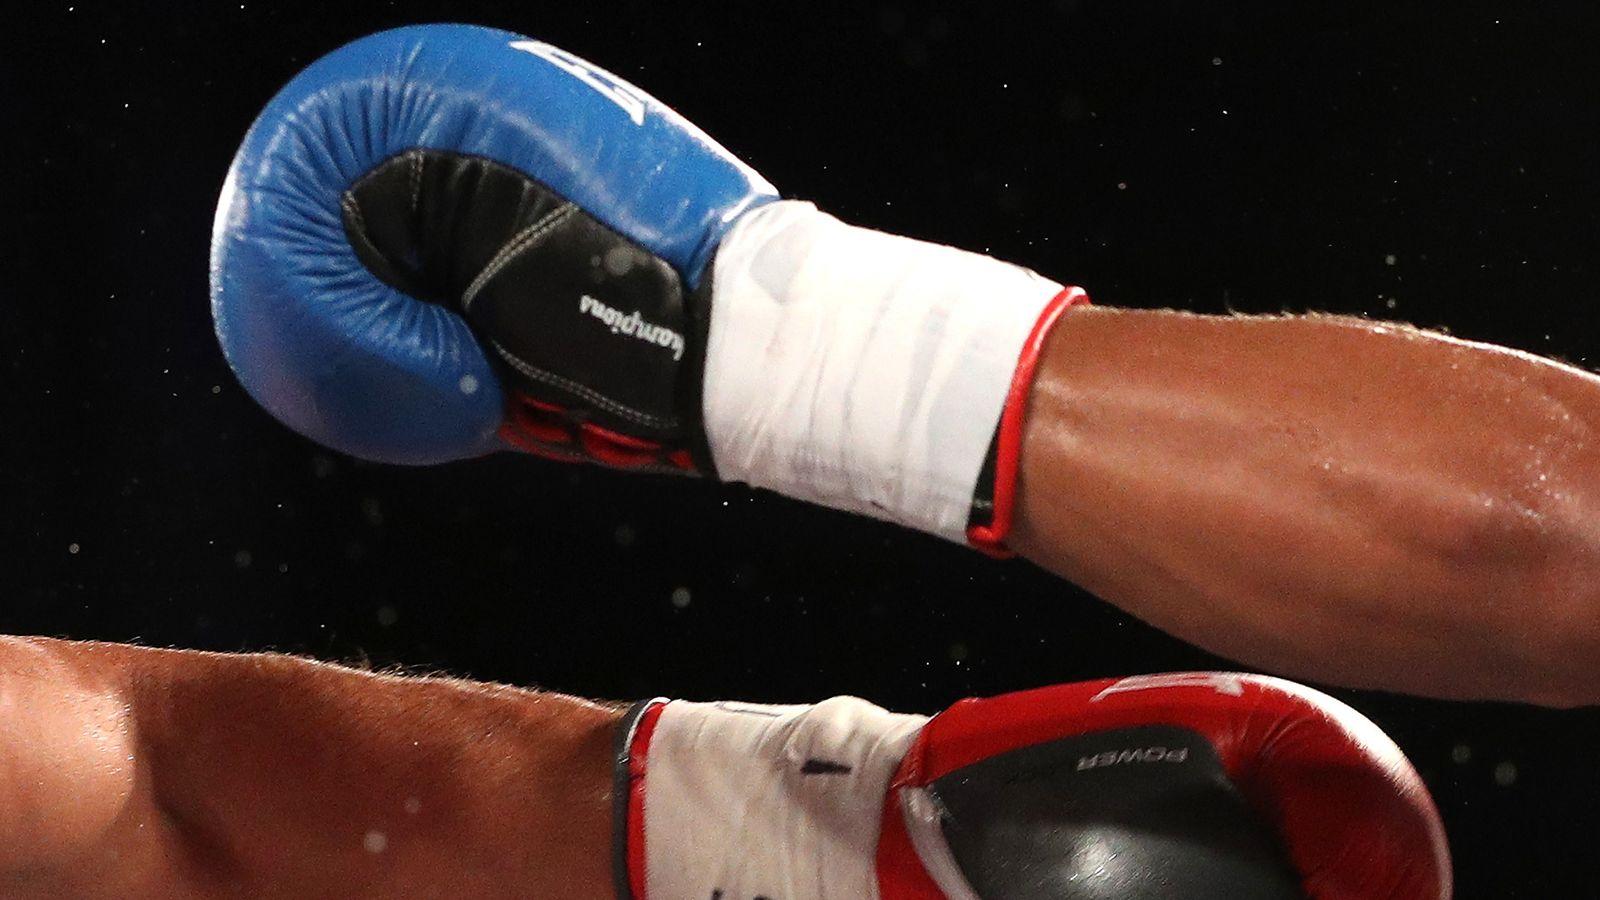 La Junta de Control del Boxeo Británico confirma que todos los eventos hasta finales de mayo serán suspendidos | Noticias del boxeo 57